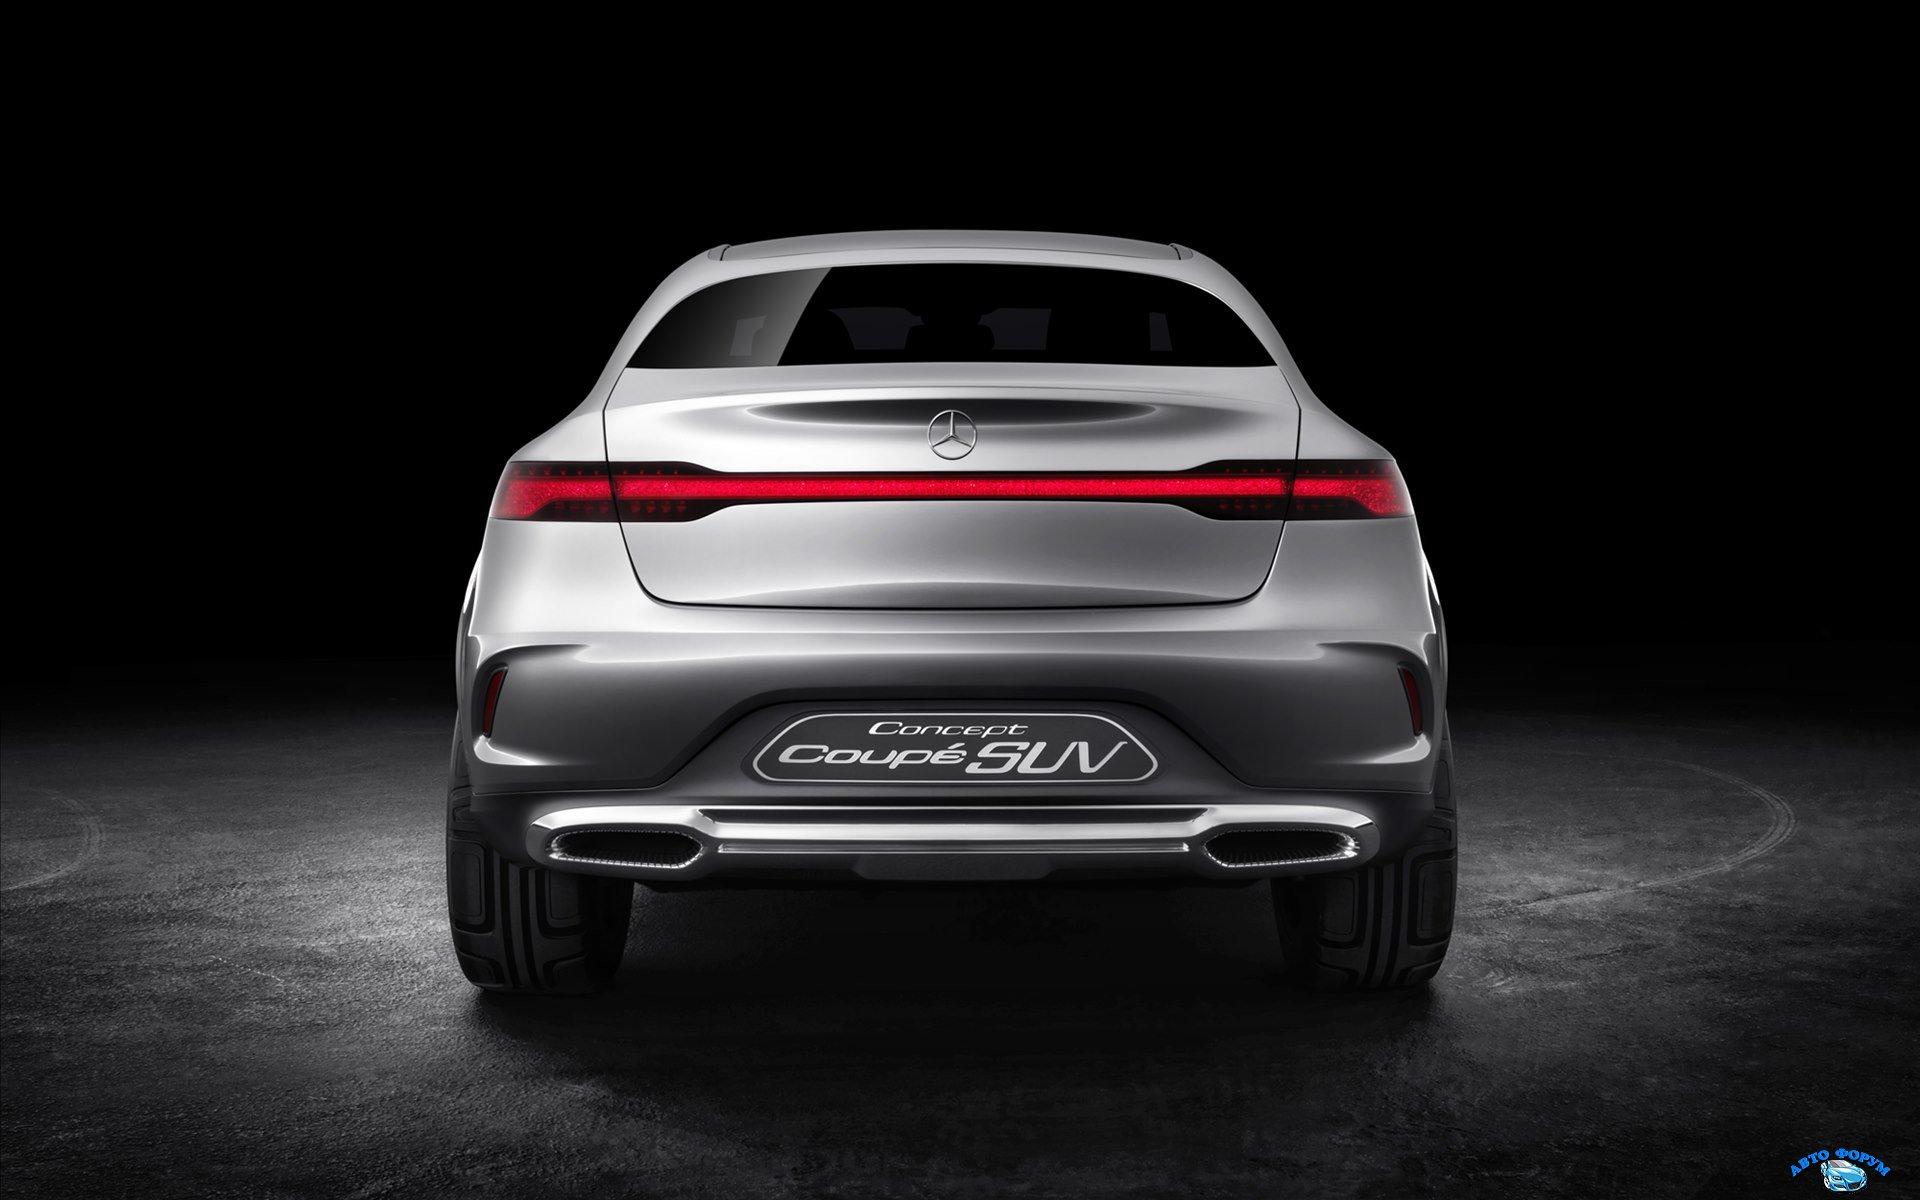 Mercedes-Benz-Coupe-SUV-Concept-2014-widescreen-32.jpg